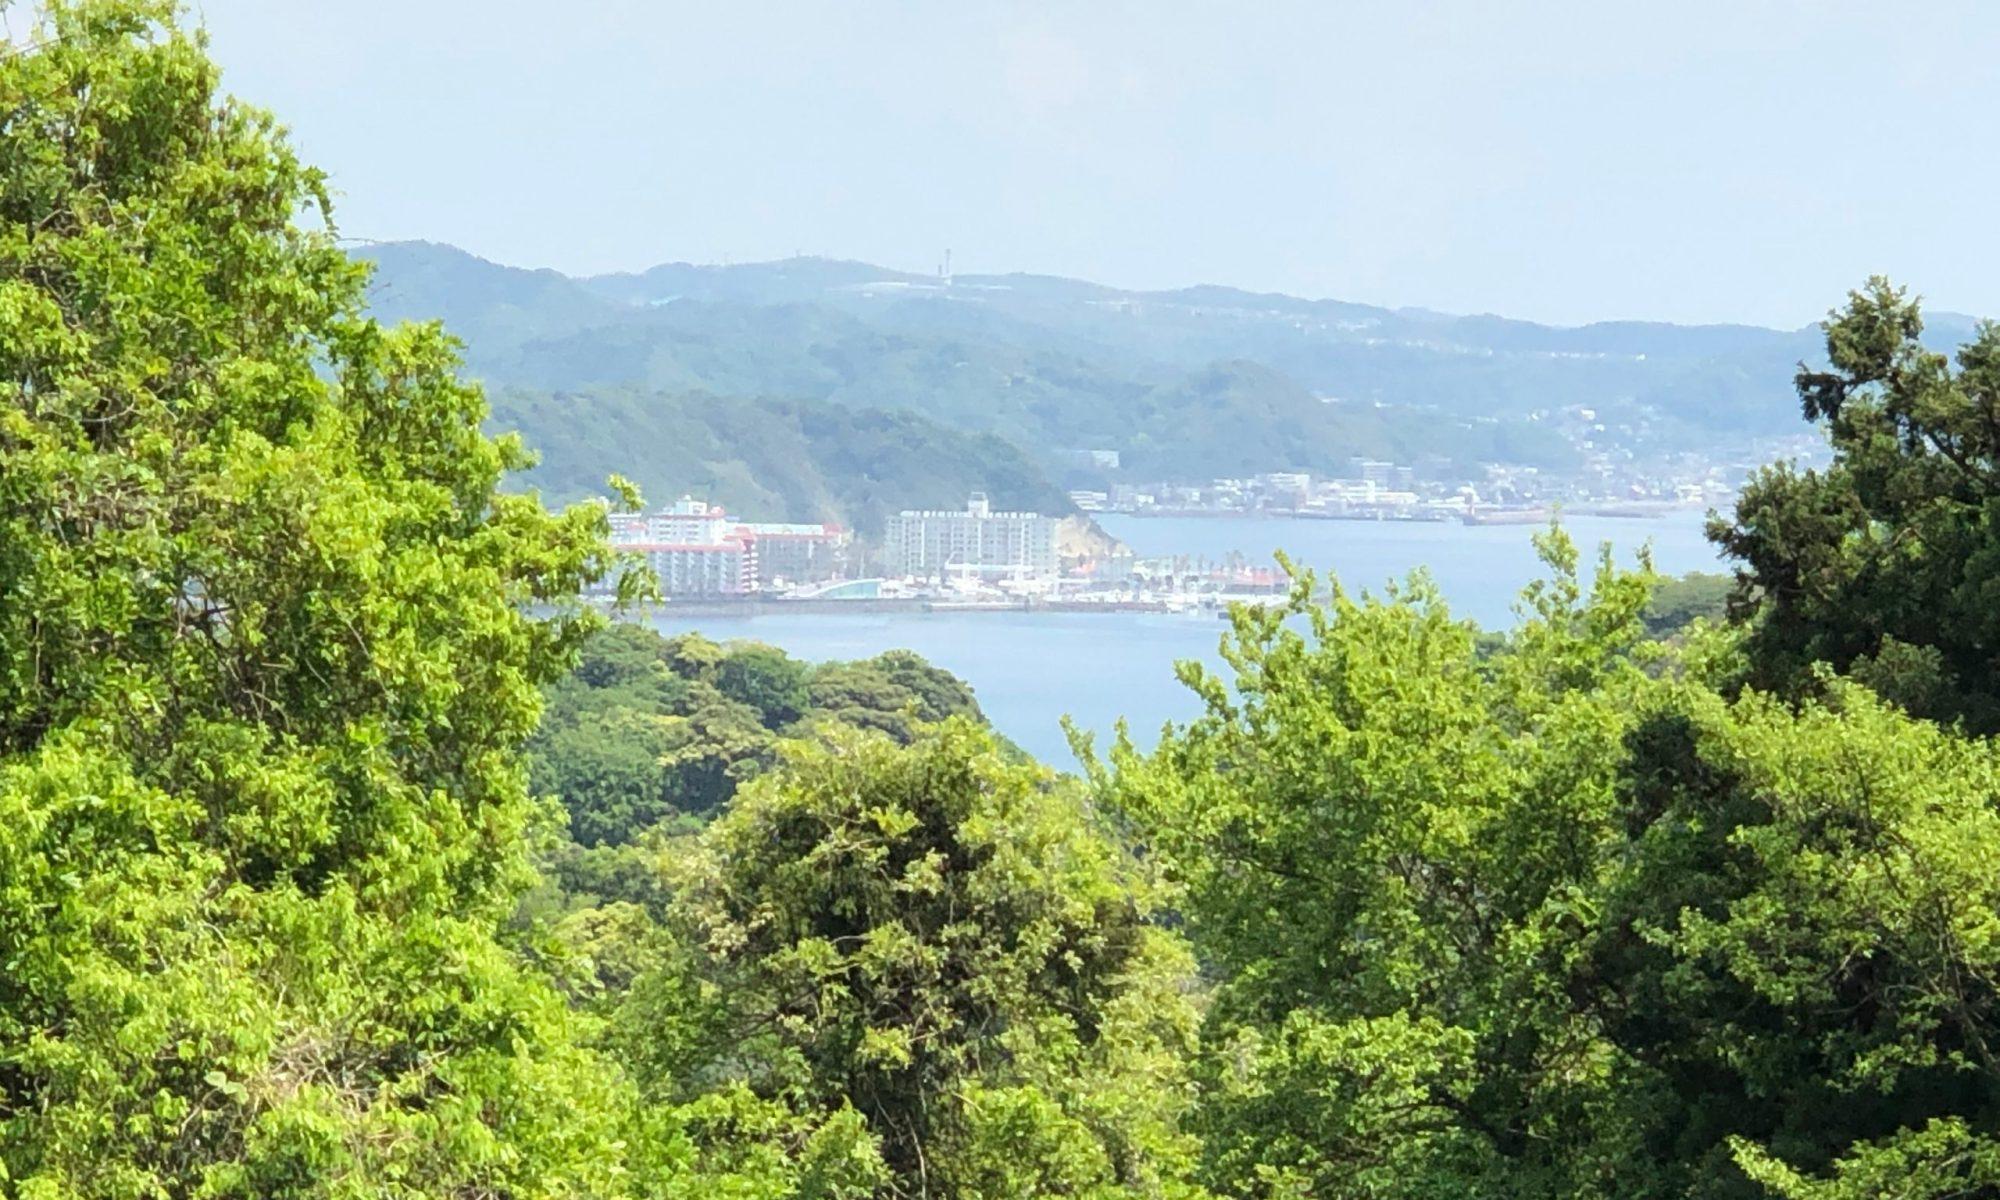 鎌倉山神社界隈から逗子マリーナを望む